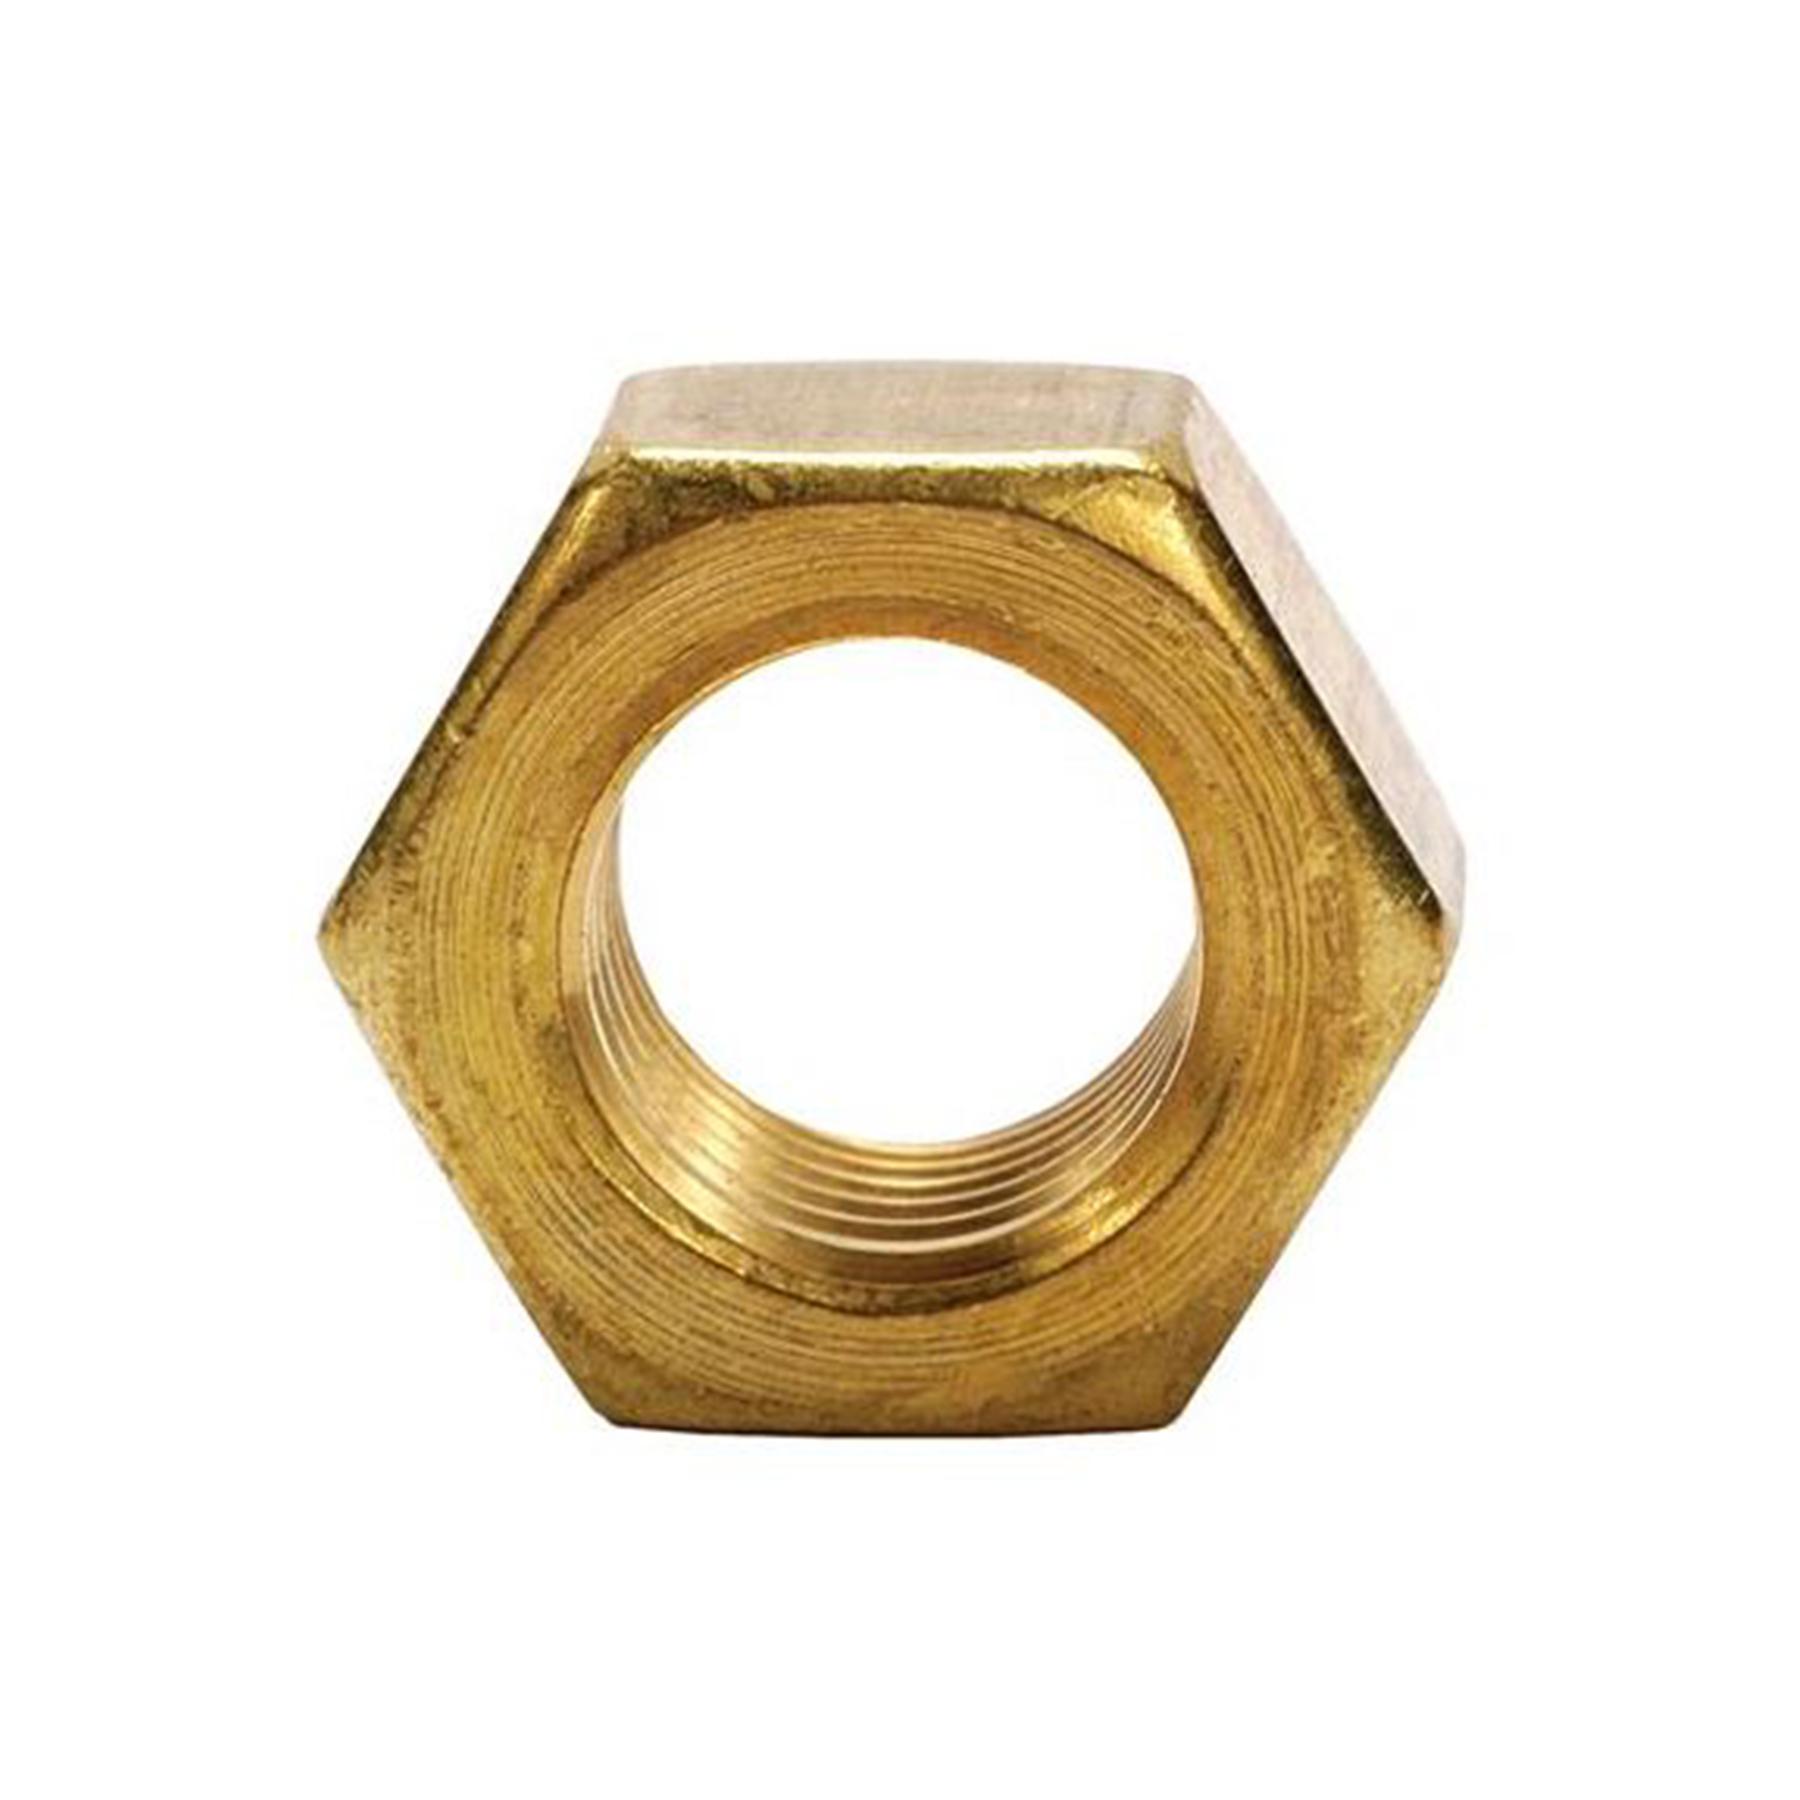 CONS Brass Nut, 5/16 - 24